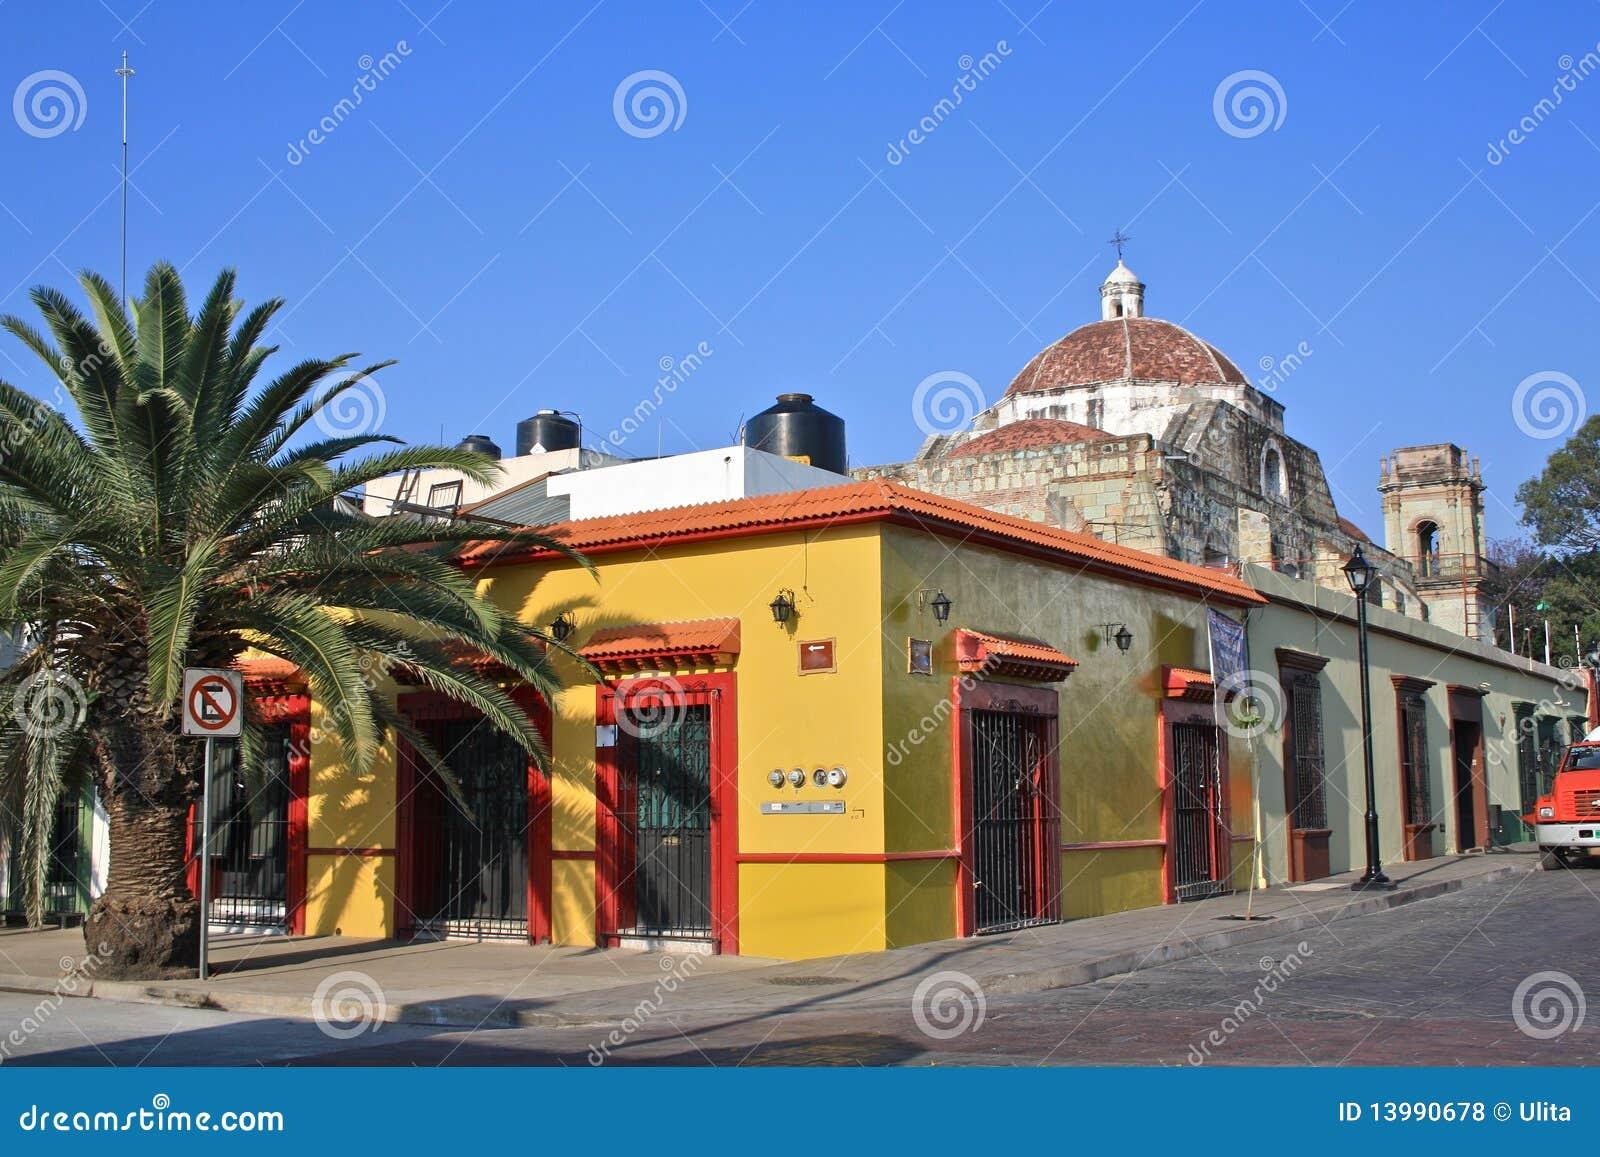 Esquina da rua Oaxaca, México